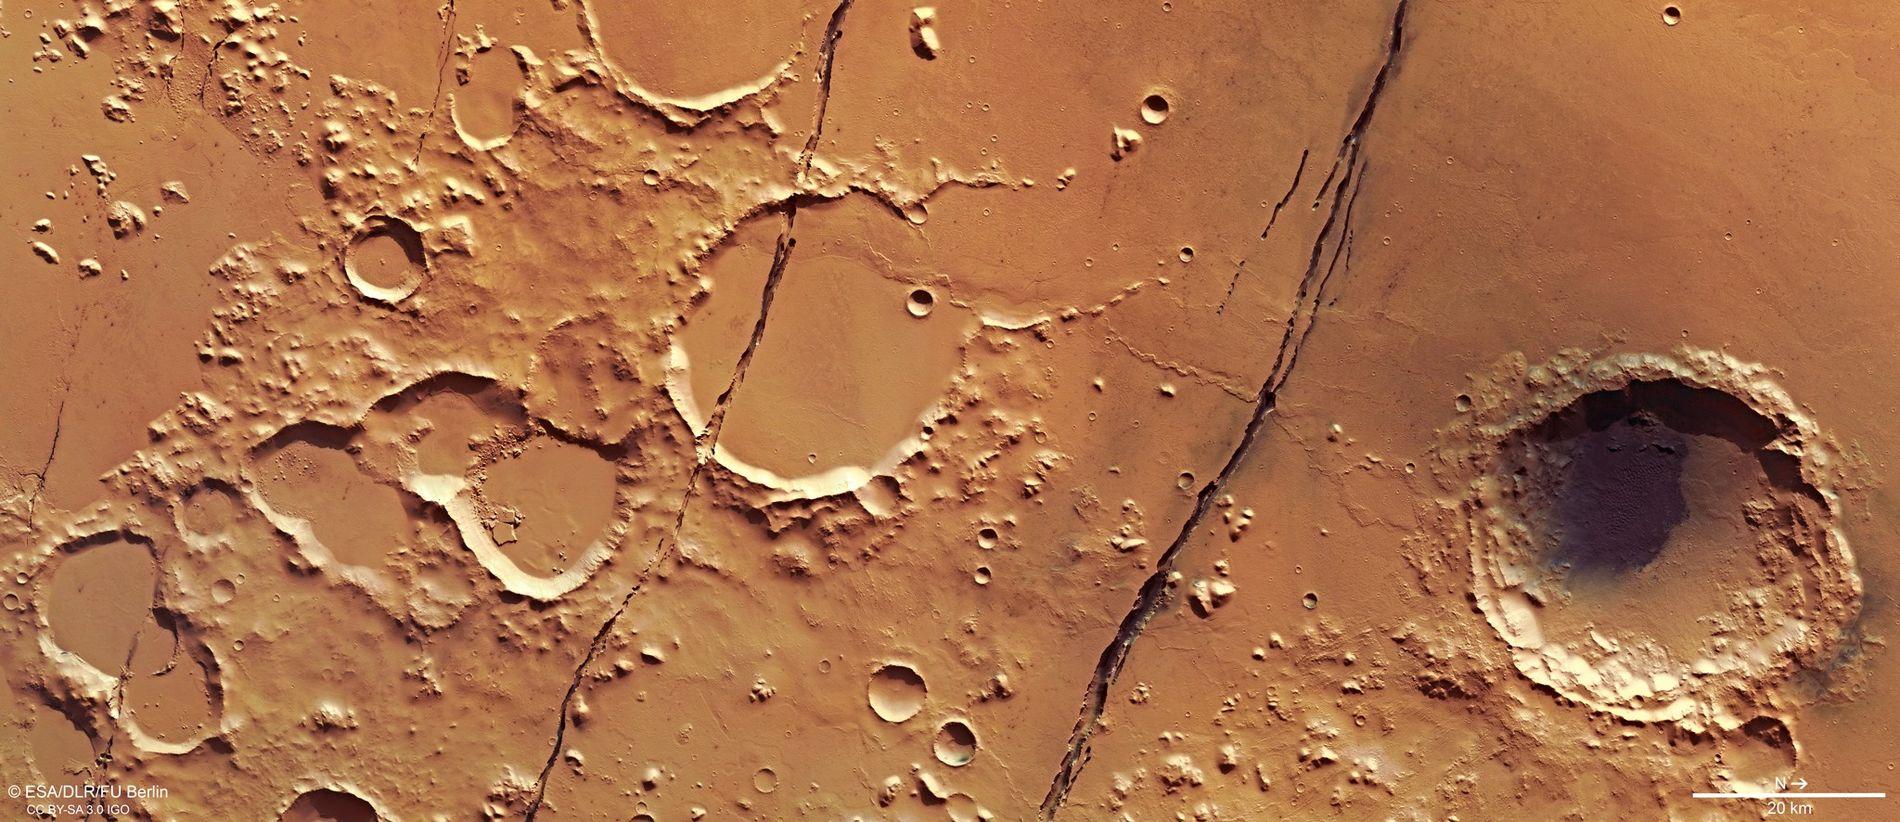 Várias fraturas profundas cortam a superfície repleta de crateras de Marte nesta imagem, tirada em janeiro ...